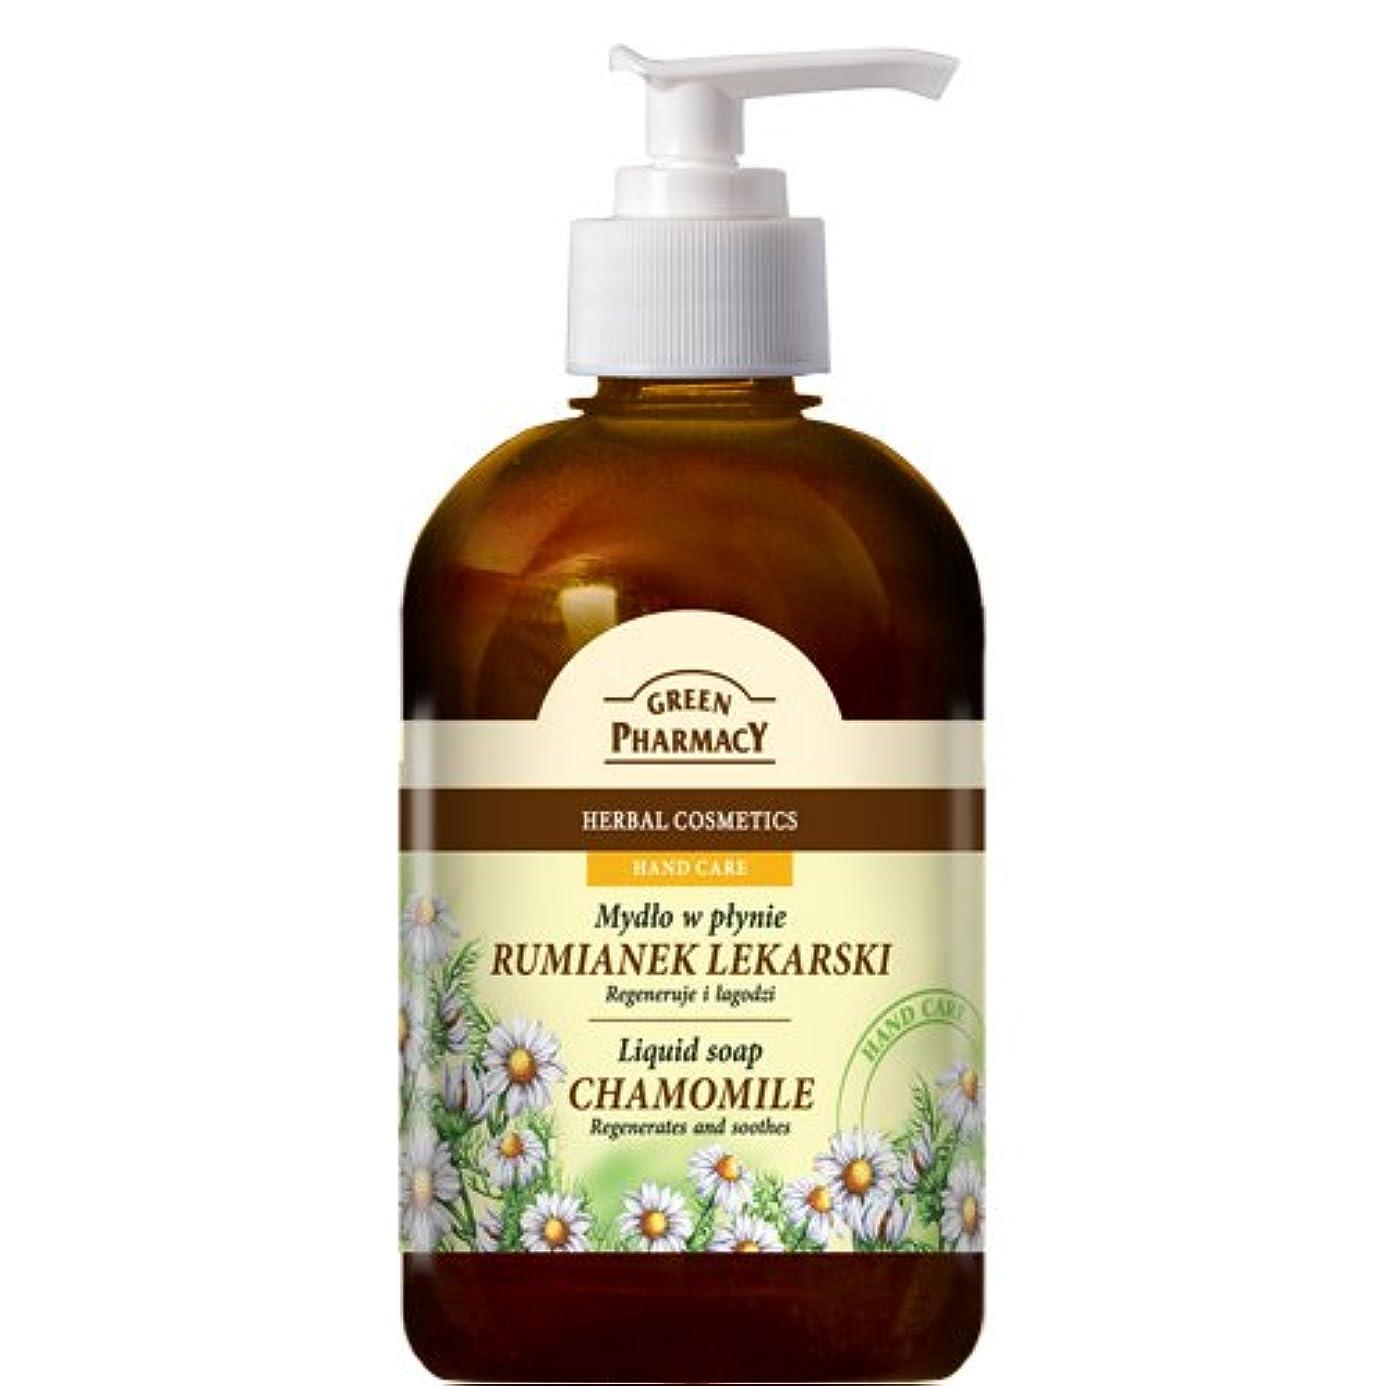 トースト香り若さElfa Pharm Green Pharmacy グリーンファーマシー Liquid Soap リキッドソープ Chamomile カモマイル